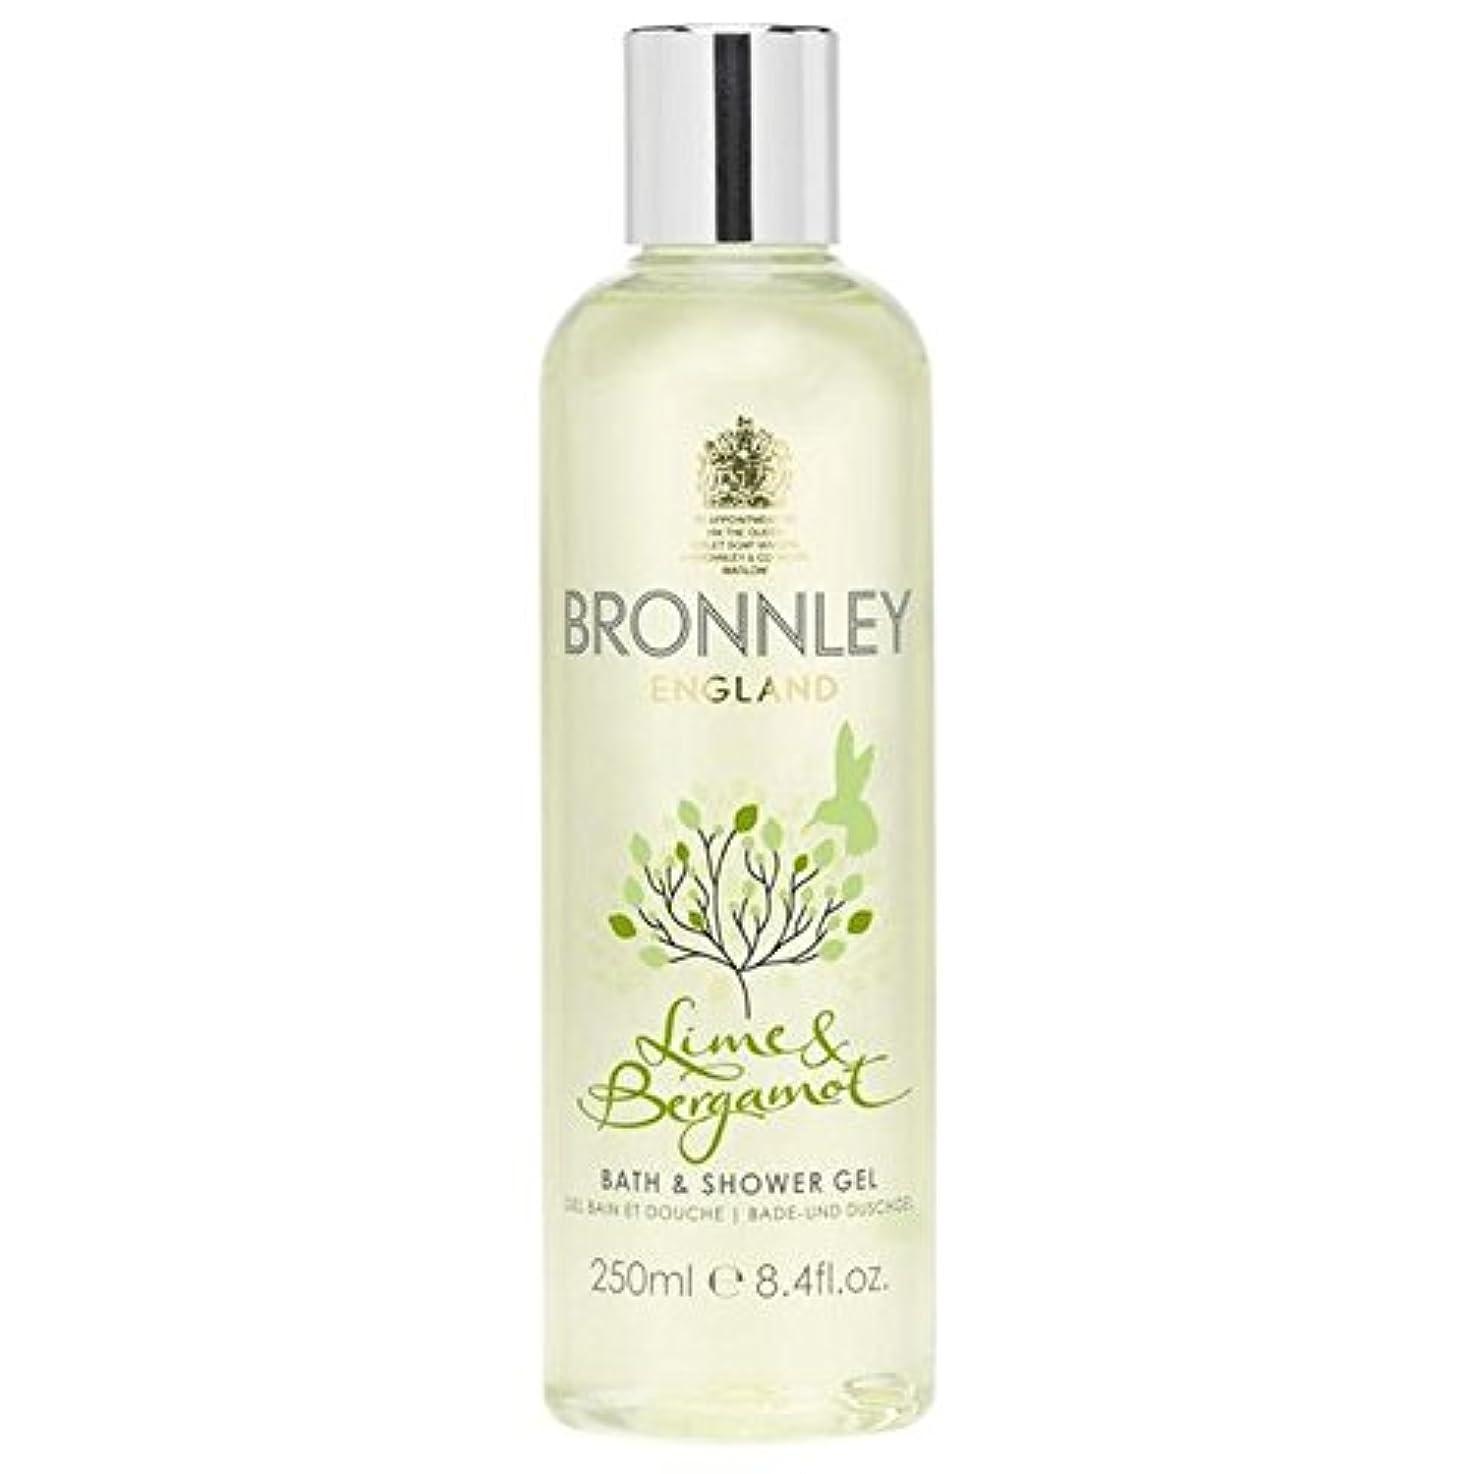 スカルク誘発するファンBronnley Lime & Bergamot Bath & Shower Gel 250ml - ライム&ベルガモットバス&シャワージェル250ミリリットル [並行輸入品]